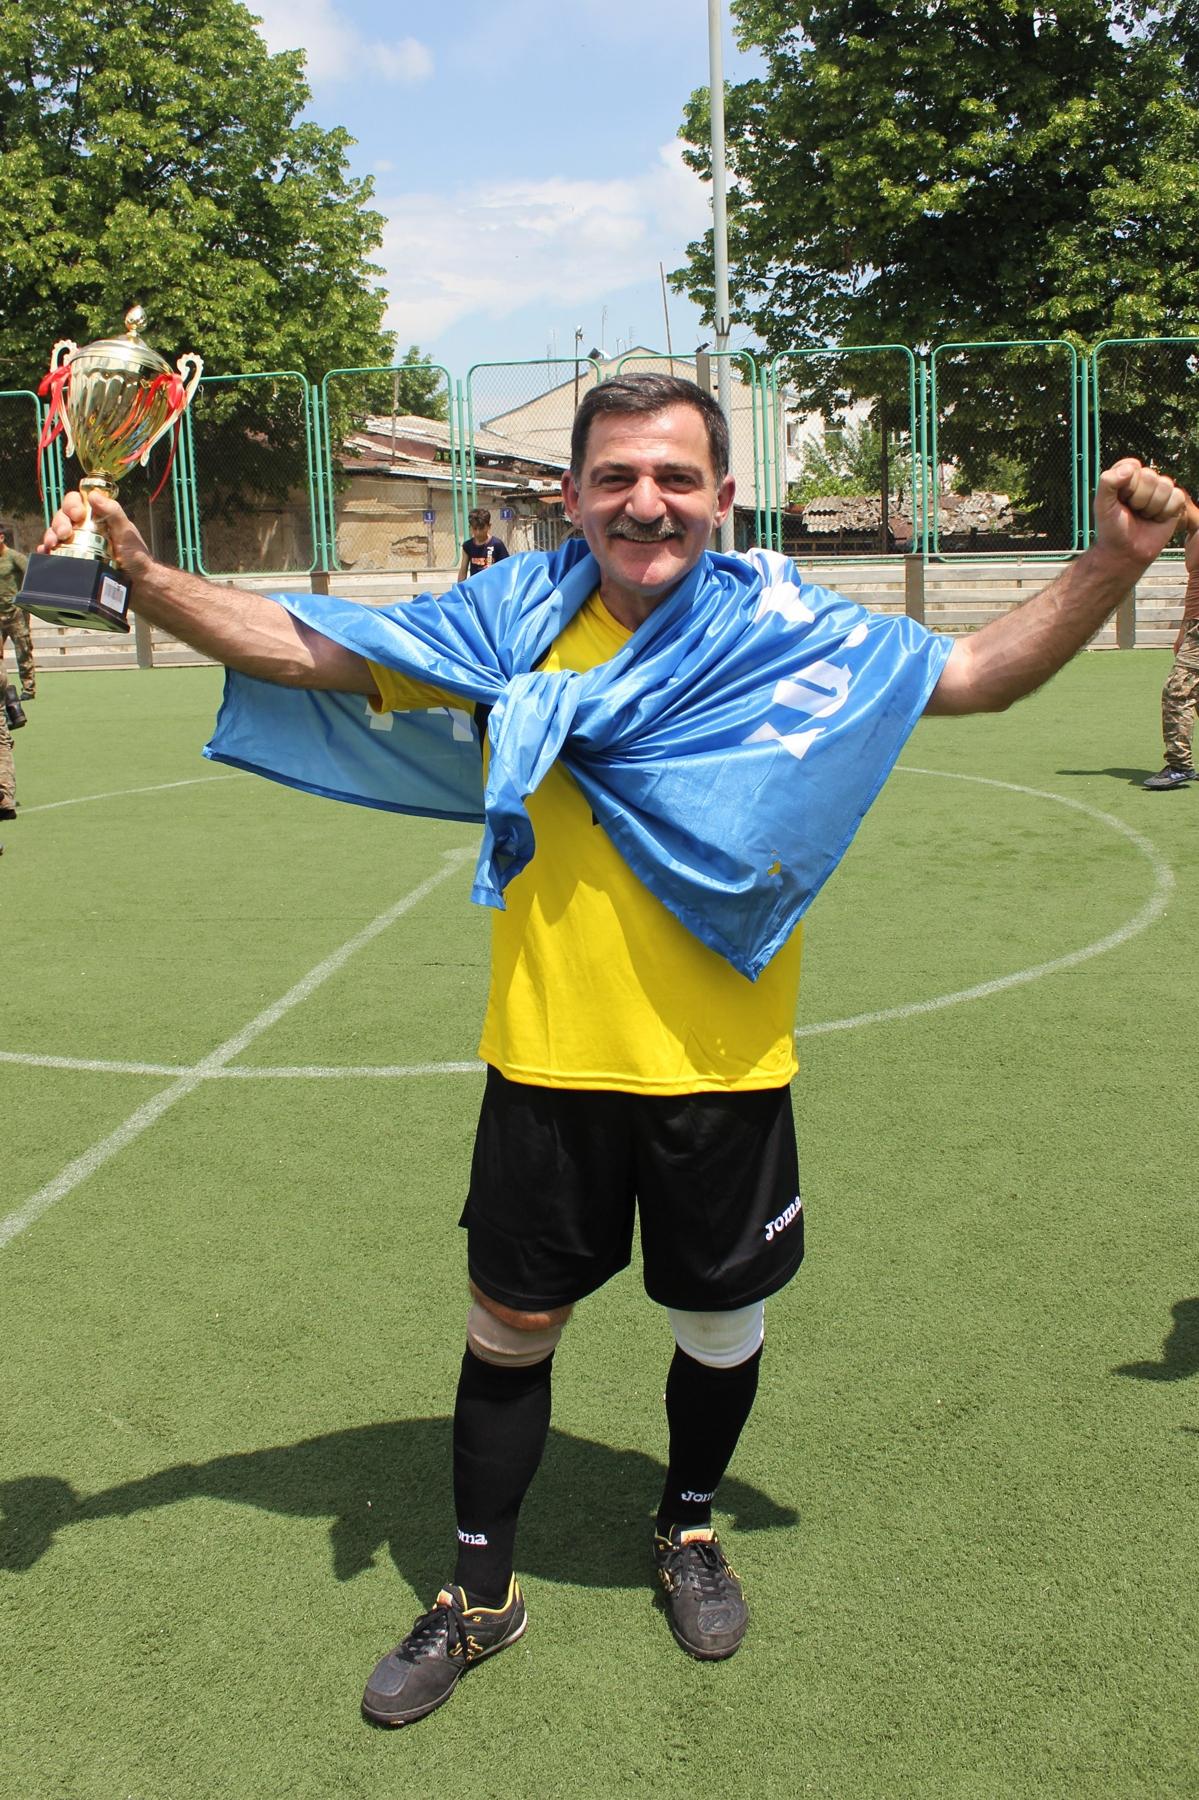 Турнир по мини-футболу между командами ЗАО «АрмРосгазпром», ЗАО «Арцахгаз» и ЗАО «Арцахэнерго»